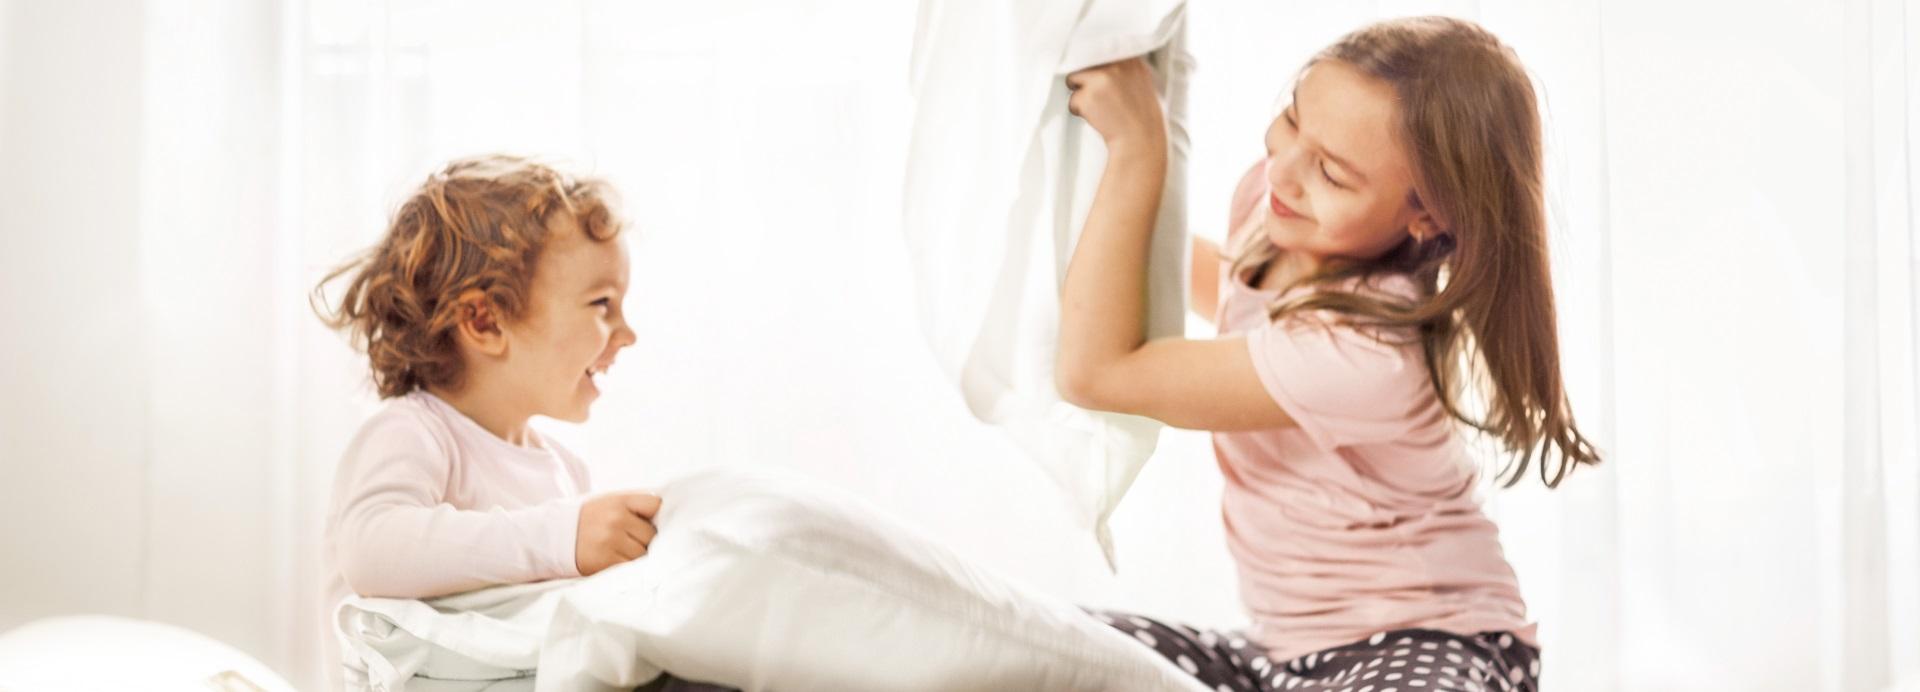 Kinder spielen im Wenatex-Bett